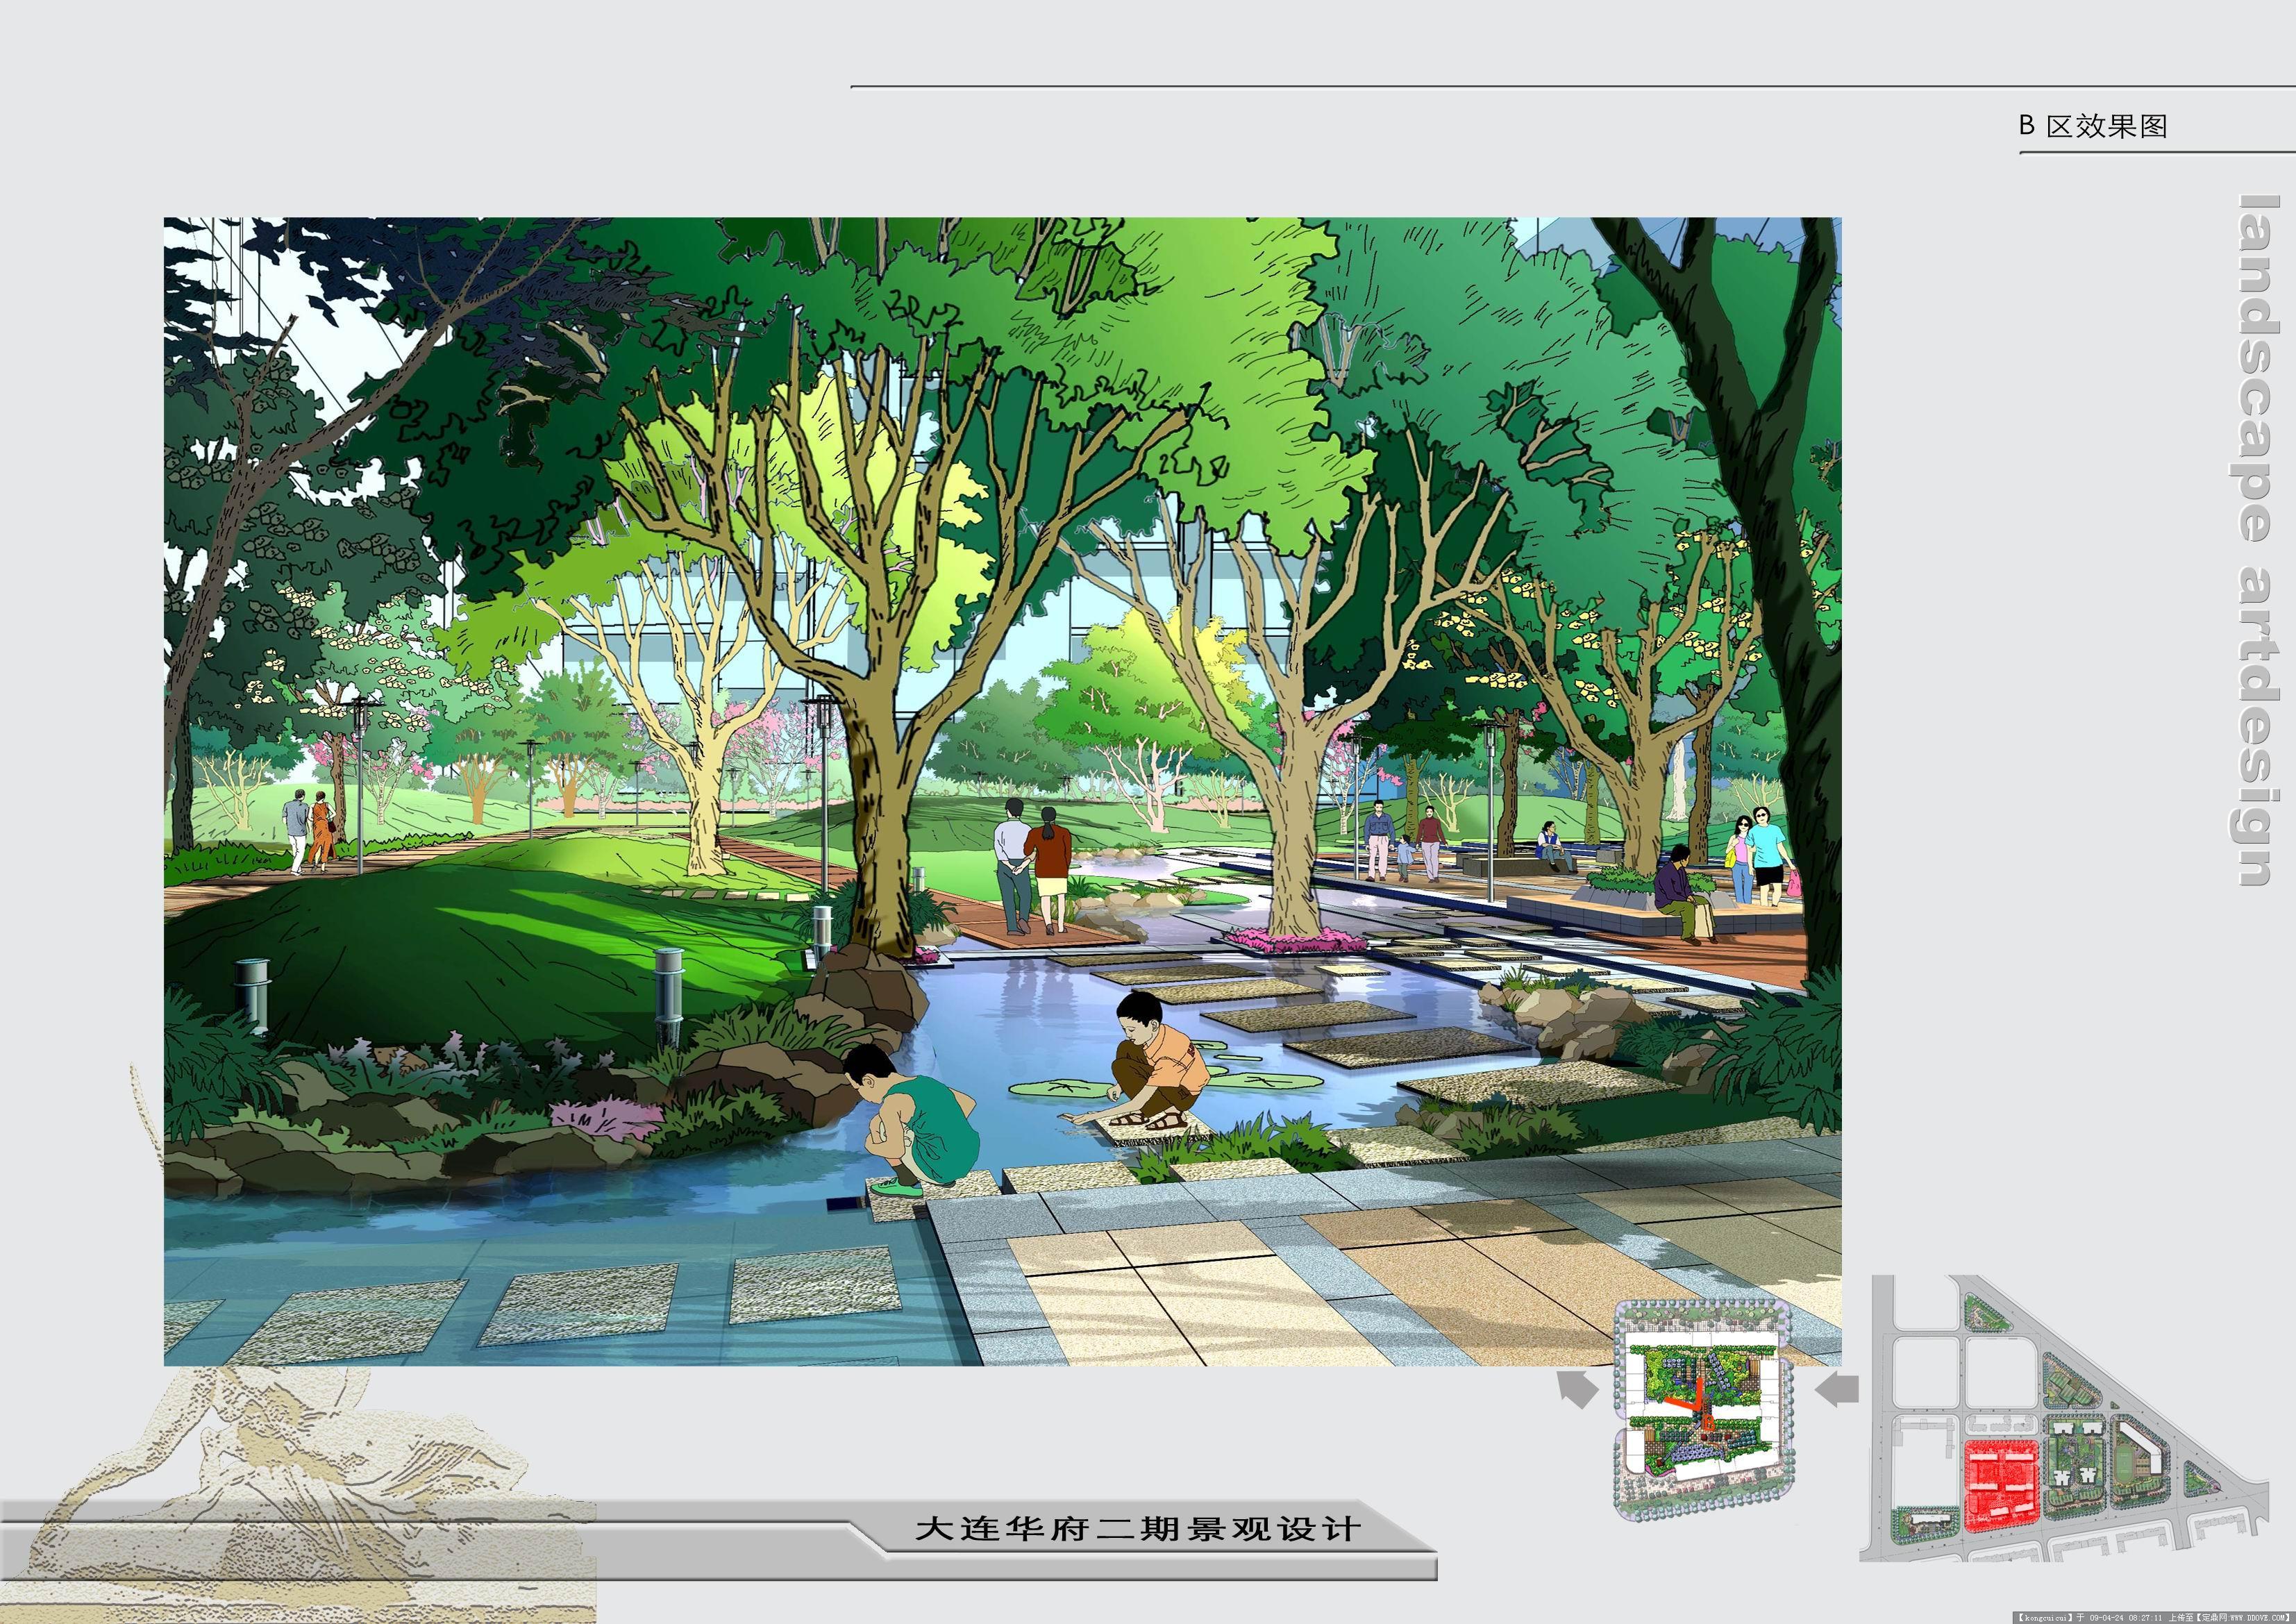 多家知名景观公司的景观手绘效果图